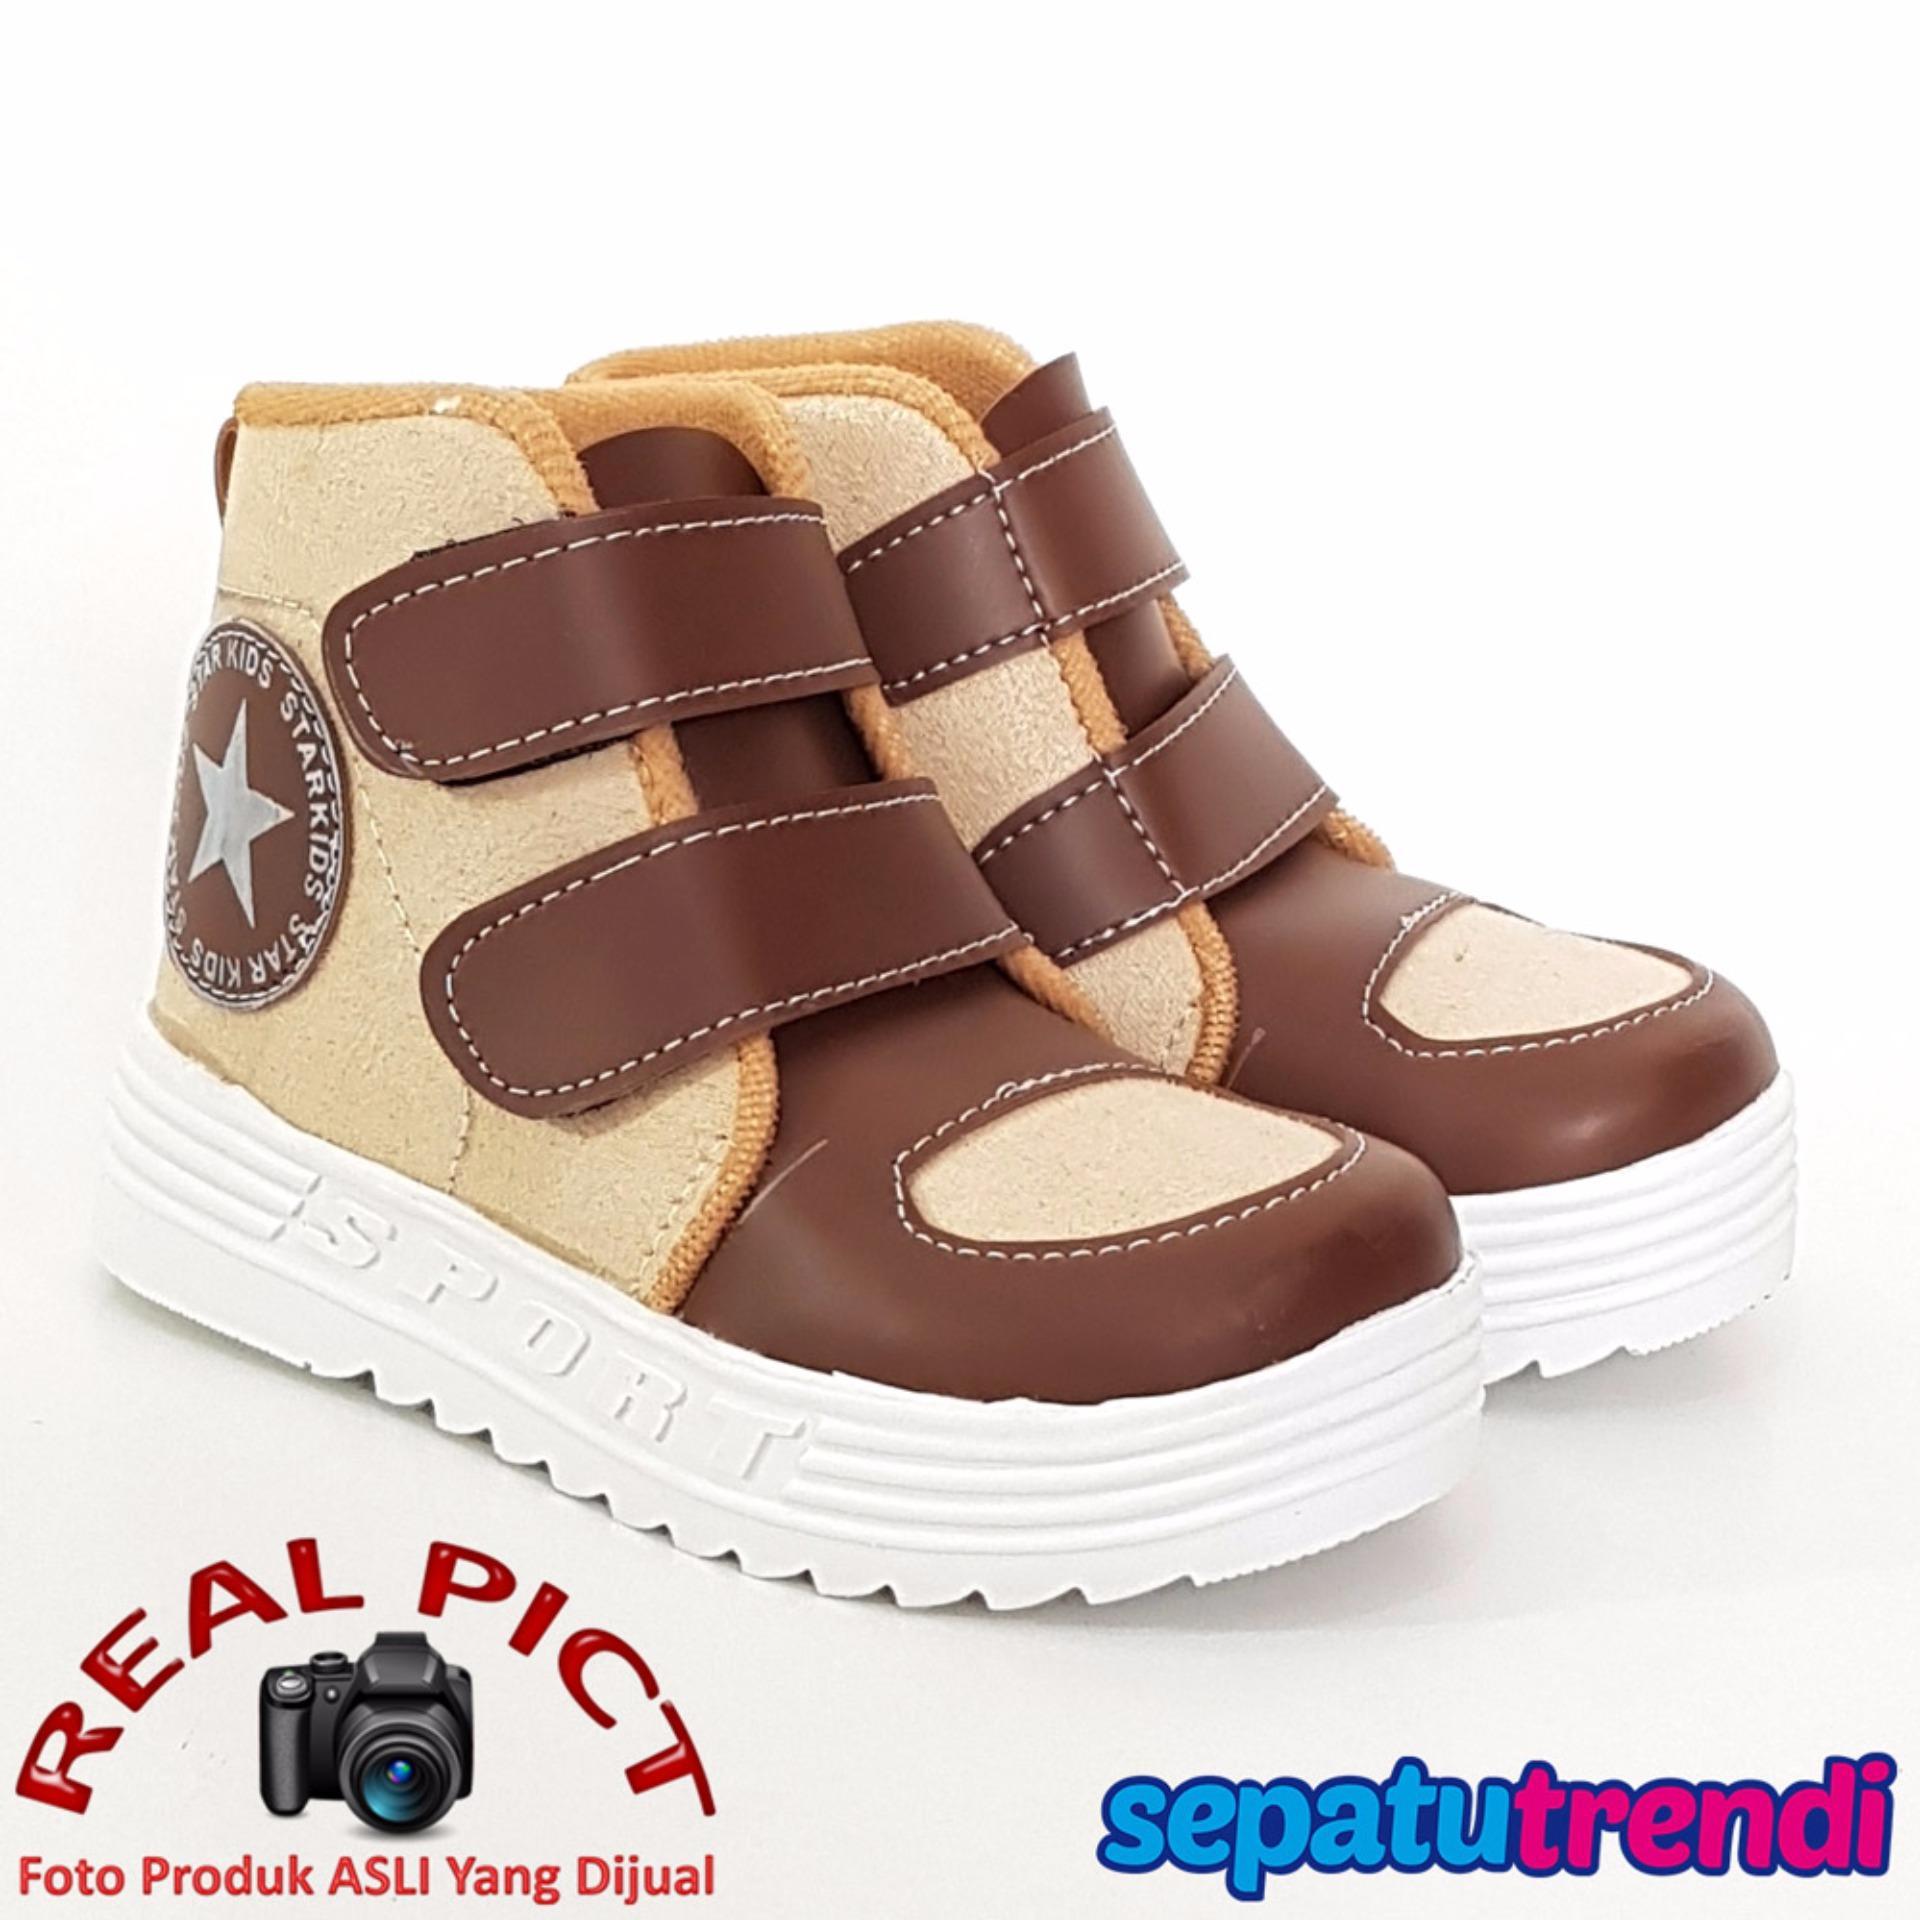 Spesifikasi Trendishoes Sepatu Boot Anak Laki Laki Star Suede Starsmp Beige Brown Lengkap Dengan Harga